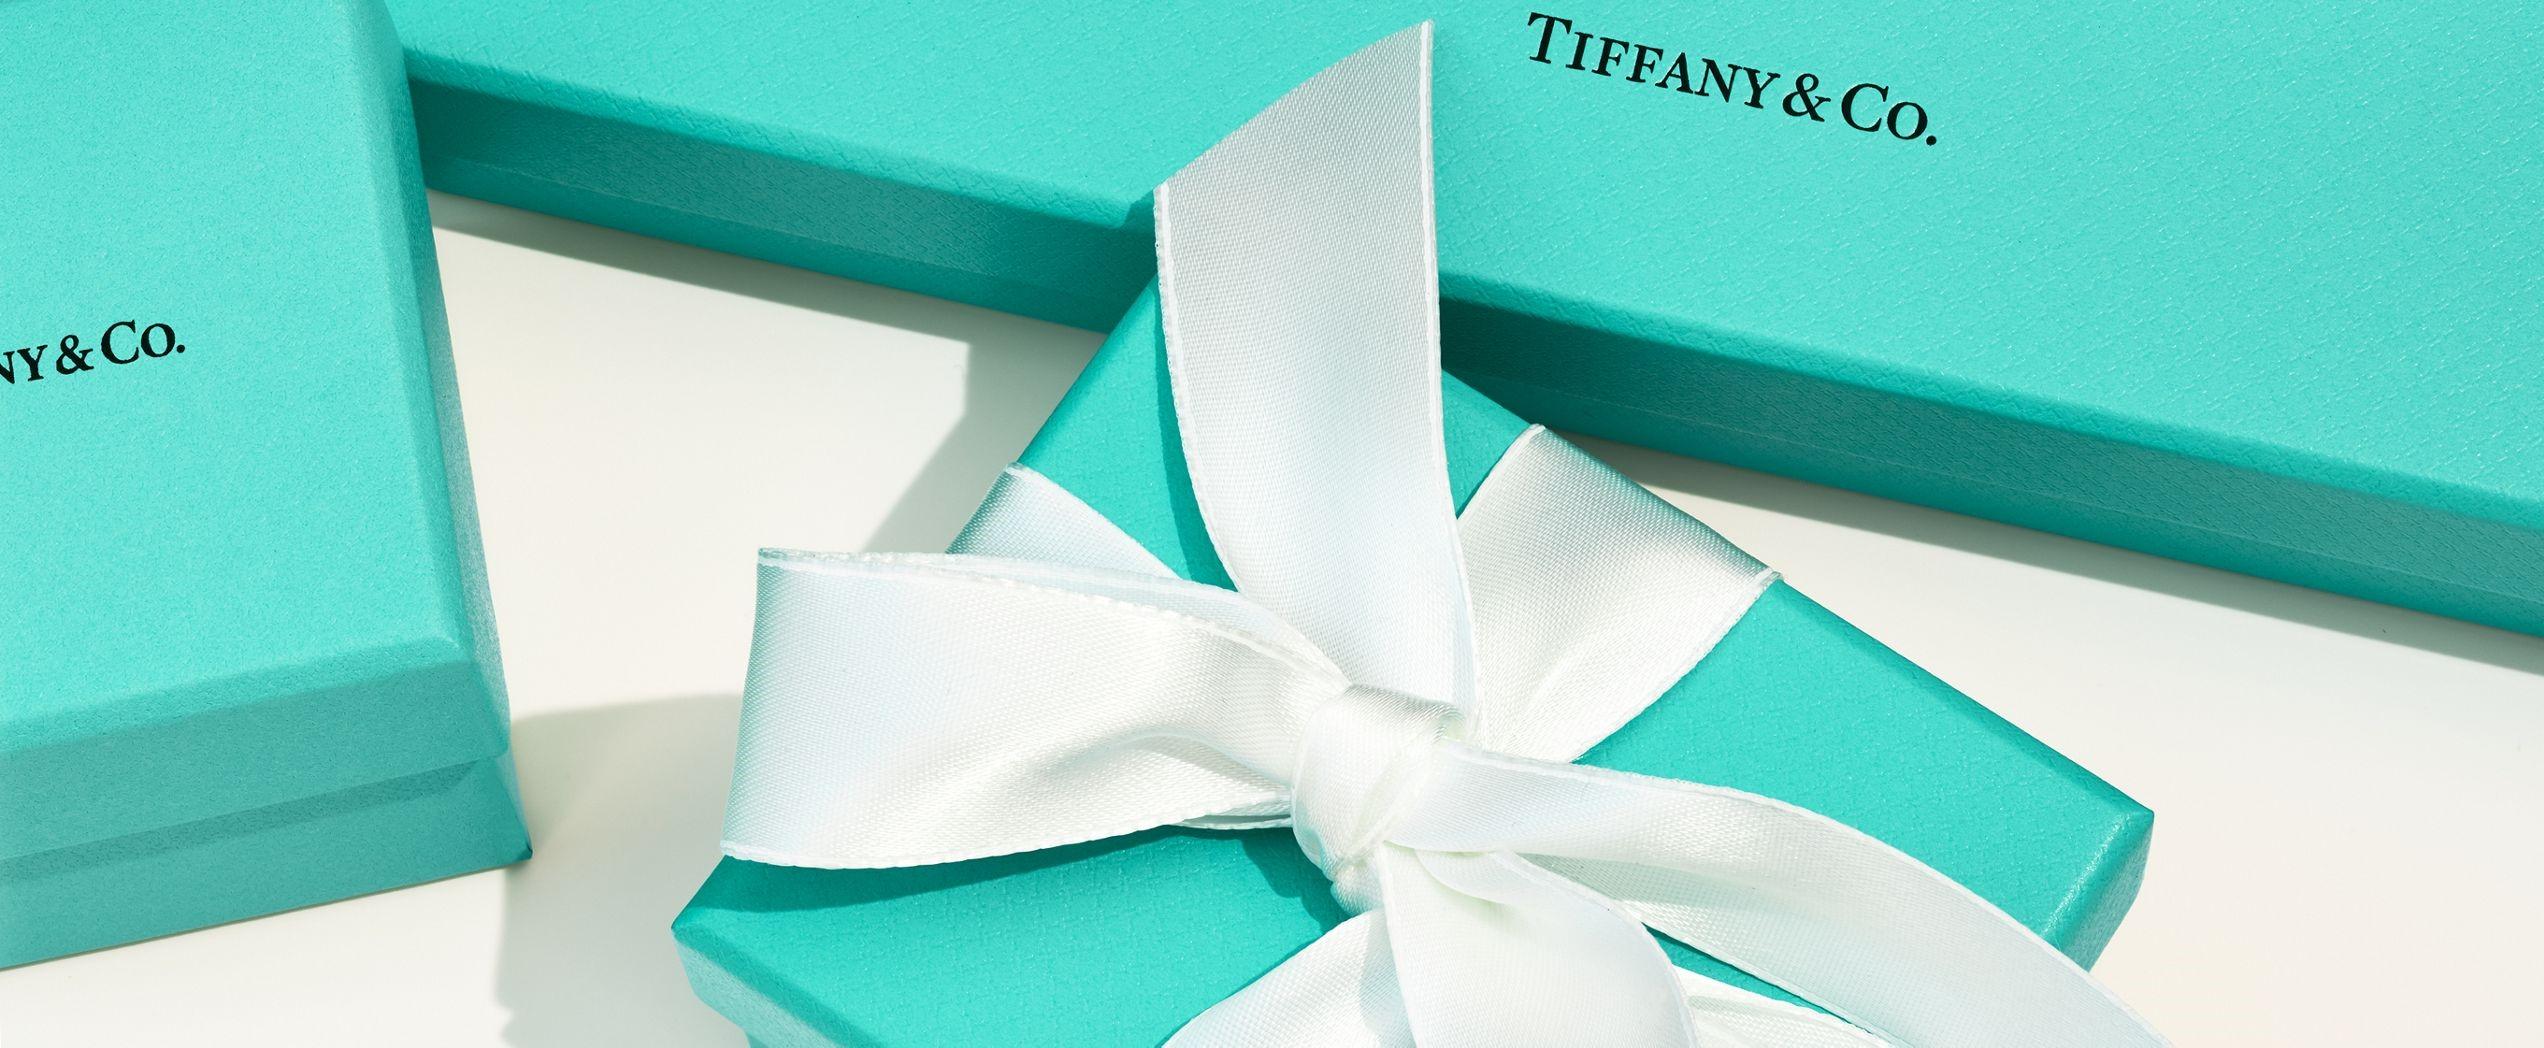 Three Tiffany boxes.